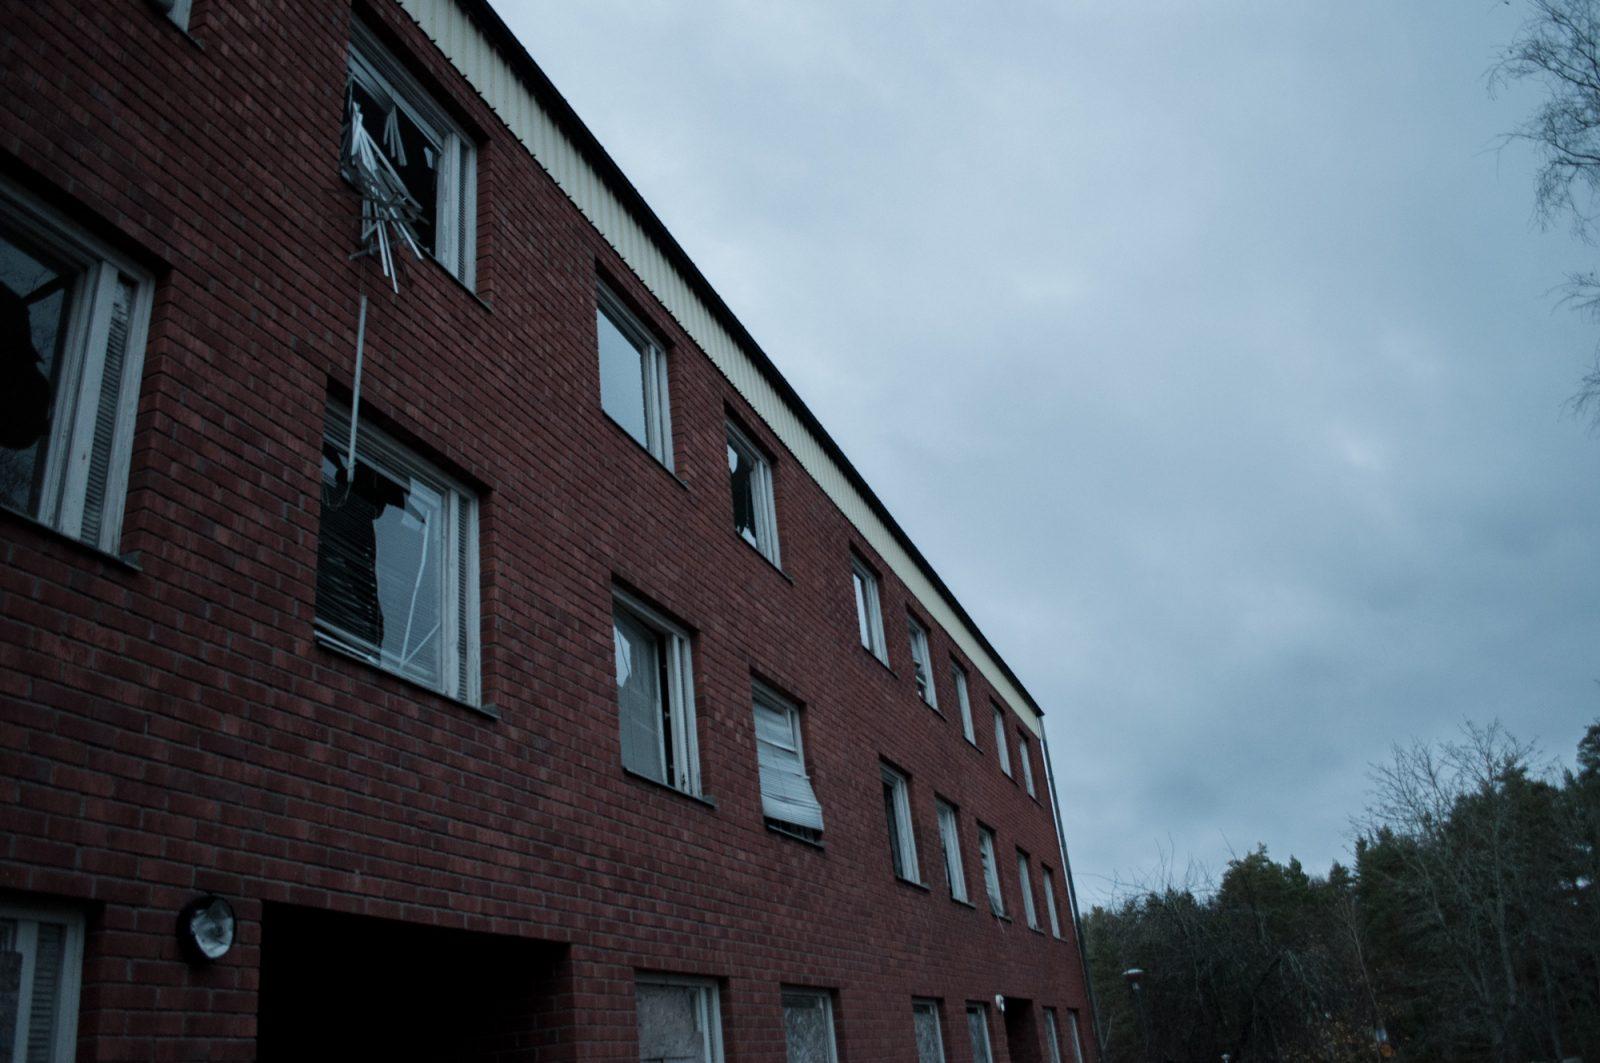 Ghost town: Norrbacka, Valdemarsvik